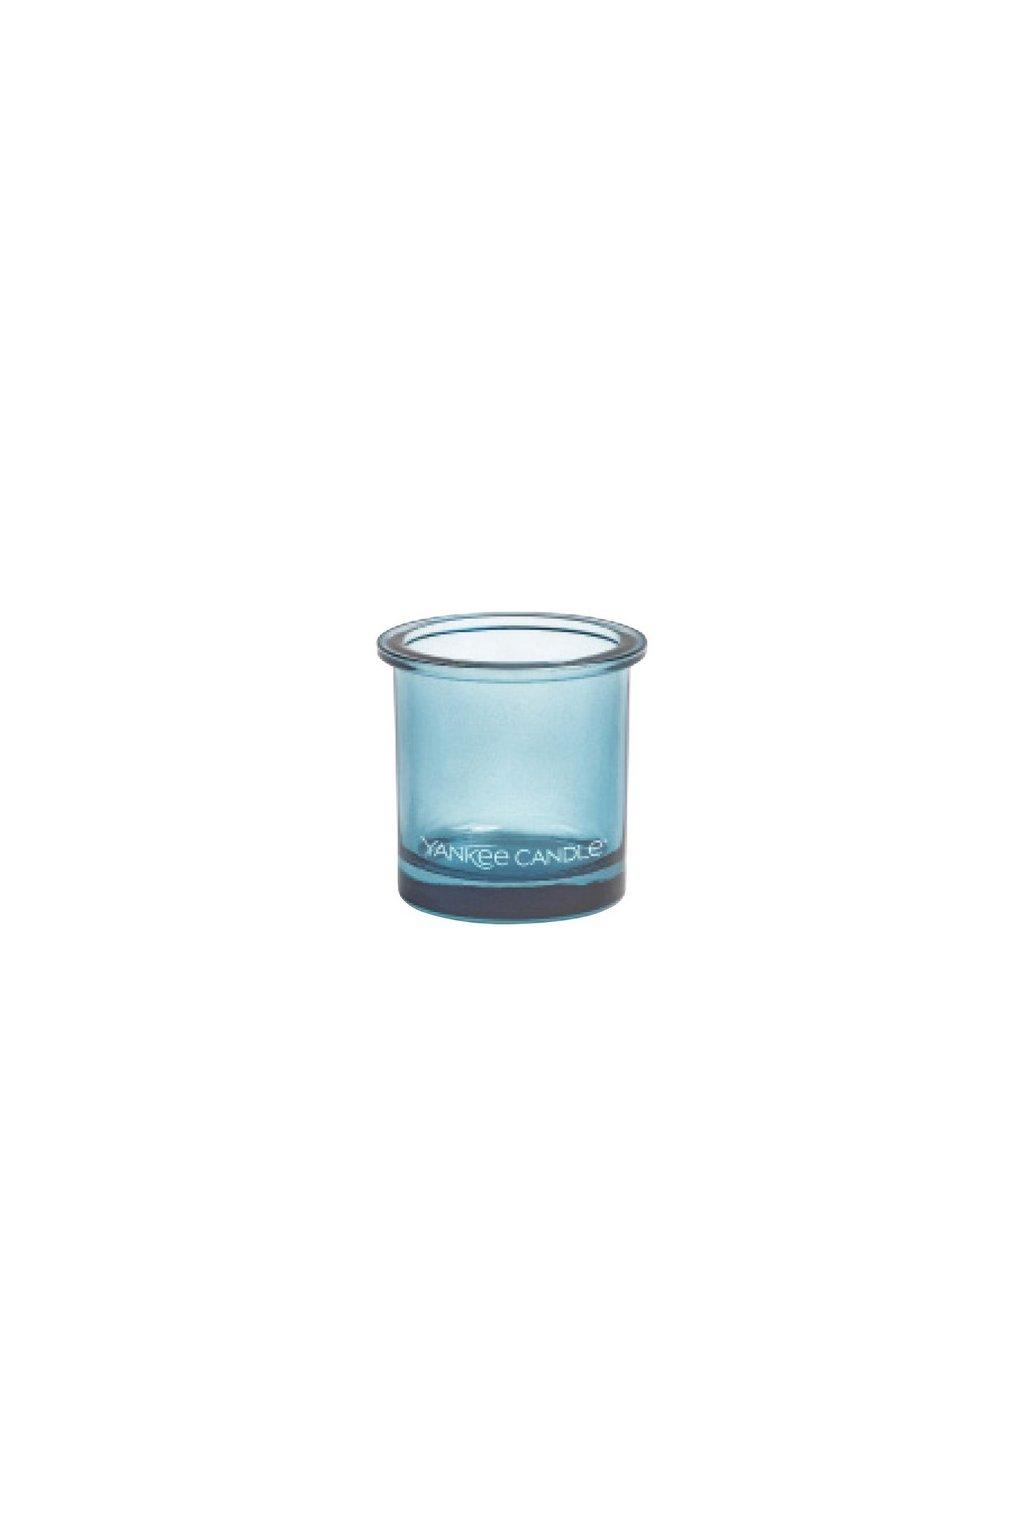 YANKEE CANDLE POP LIGHT SVÍCEN NA VOTIVNÍ SVÍČKU BLUE